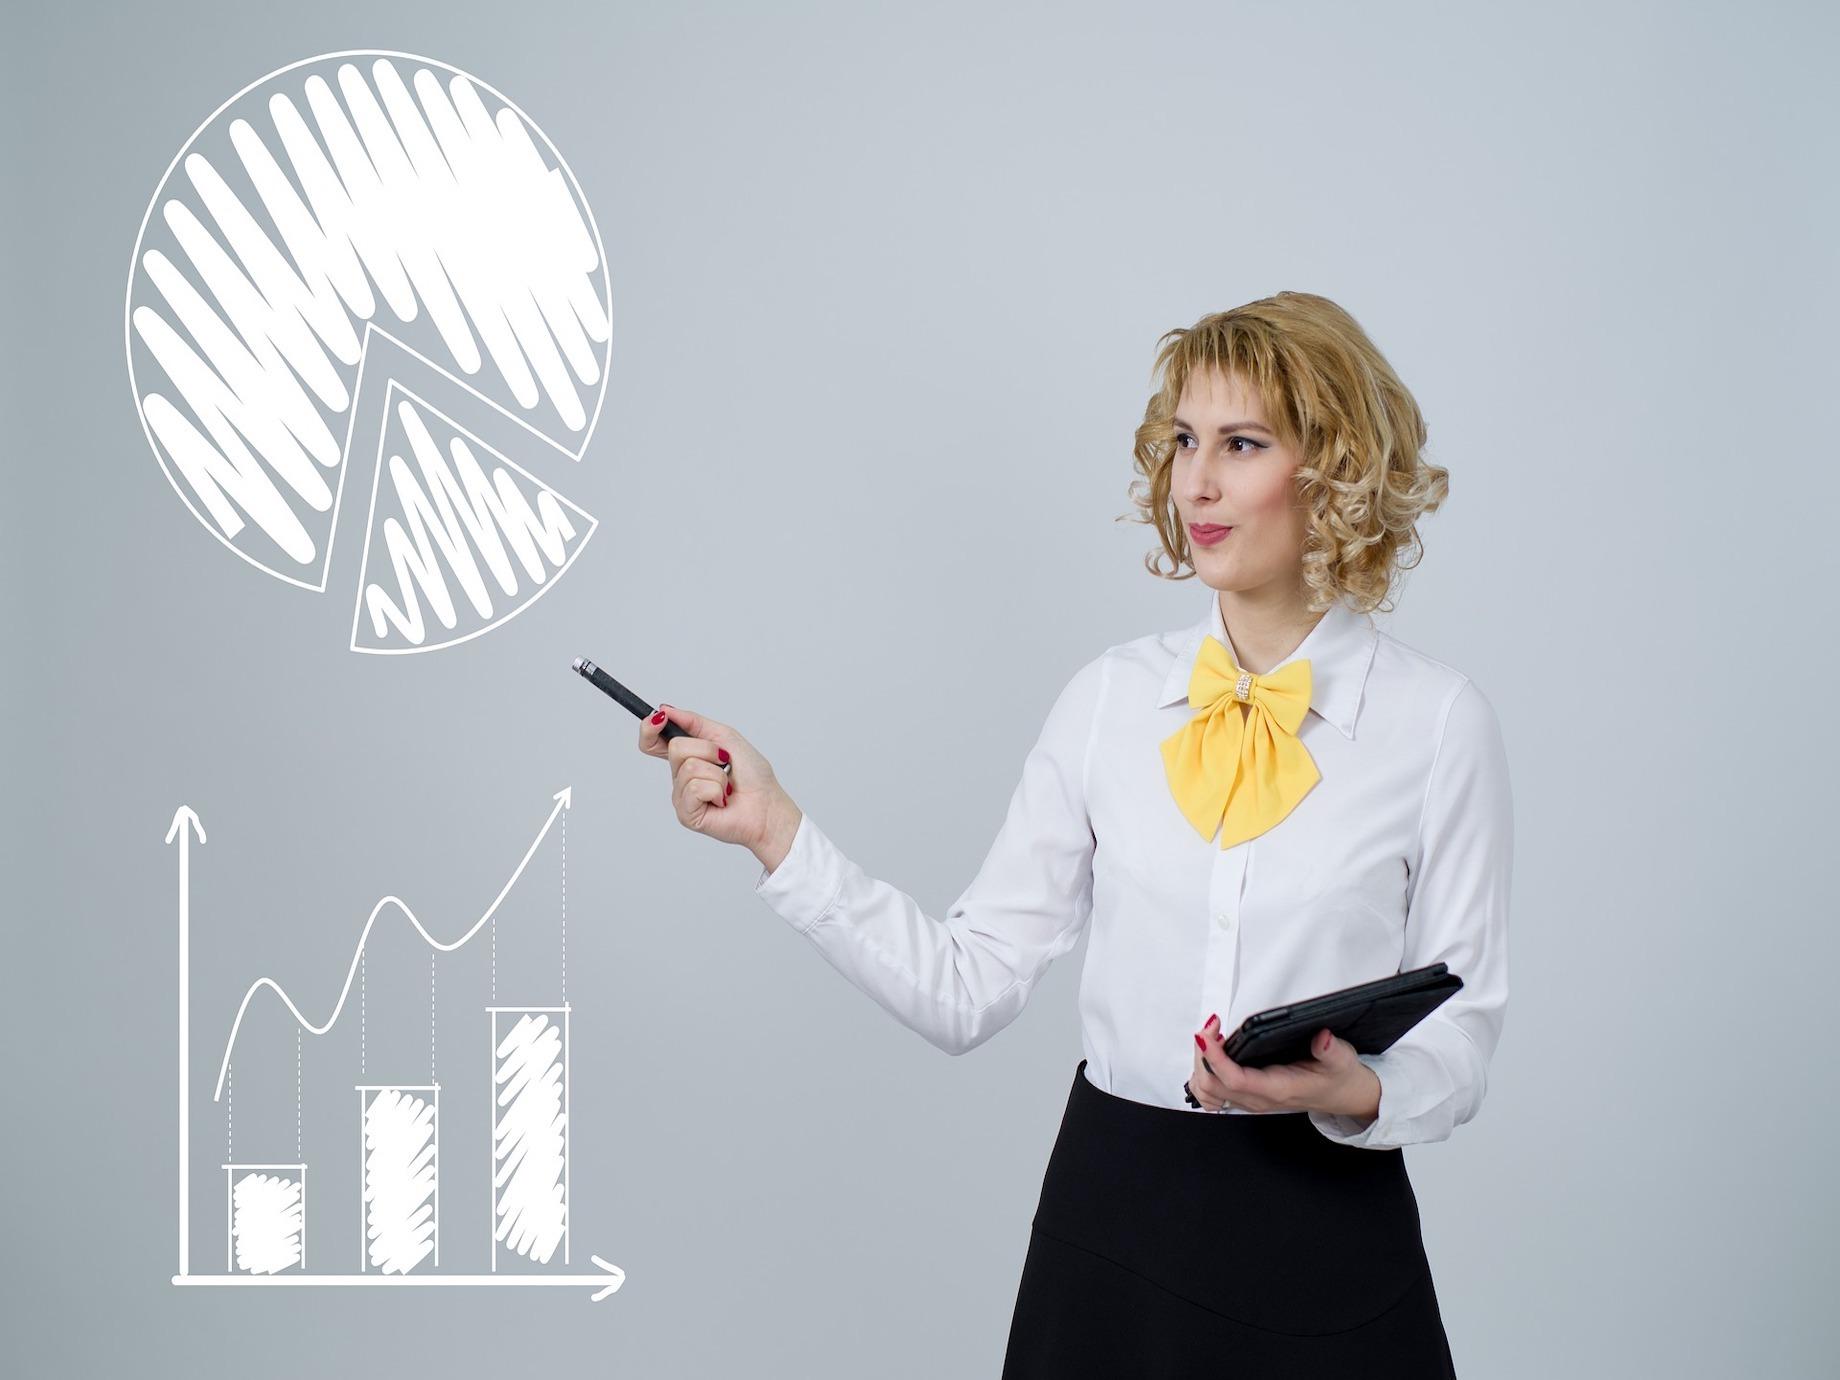 財務問題其實出自於人性!顛覆傳統會計的「新獲利公式」,讓理財更容易